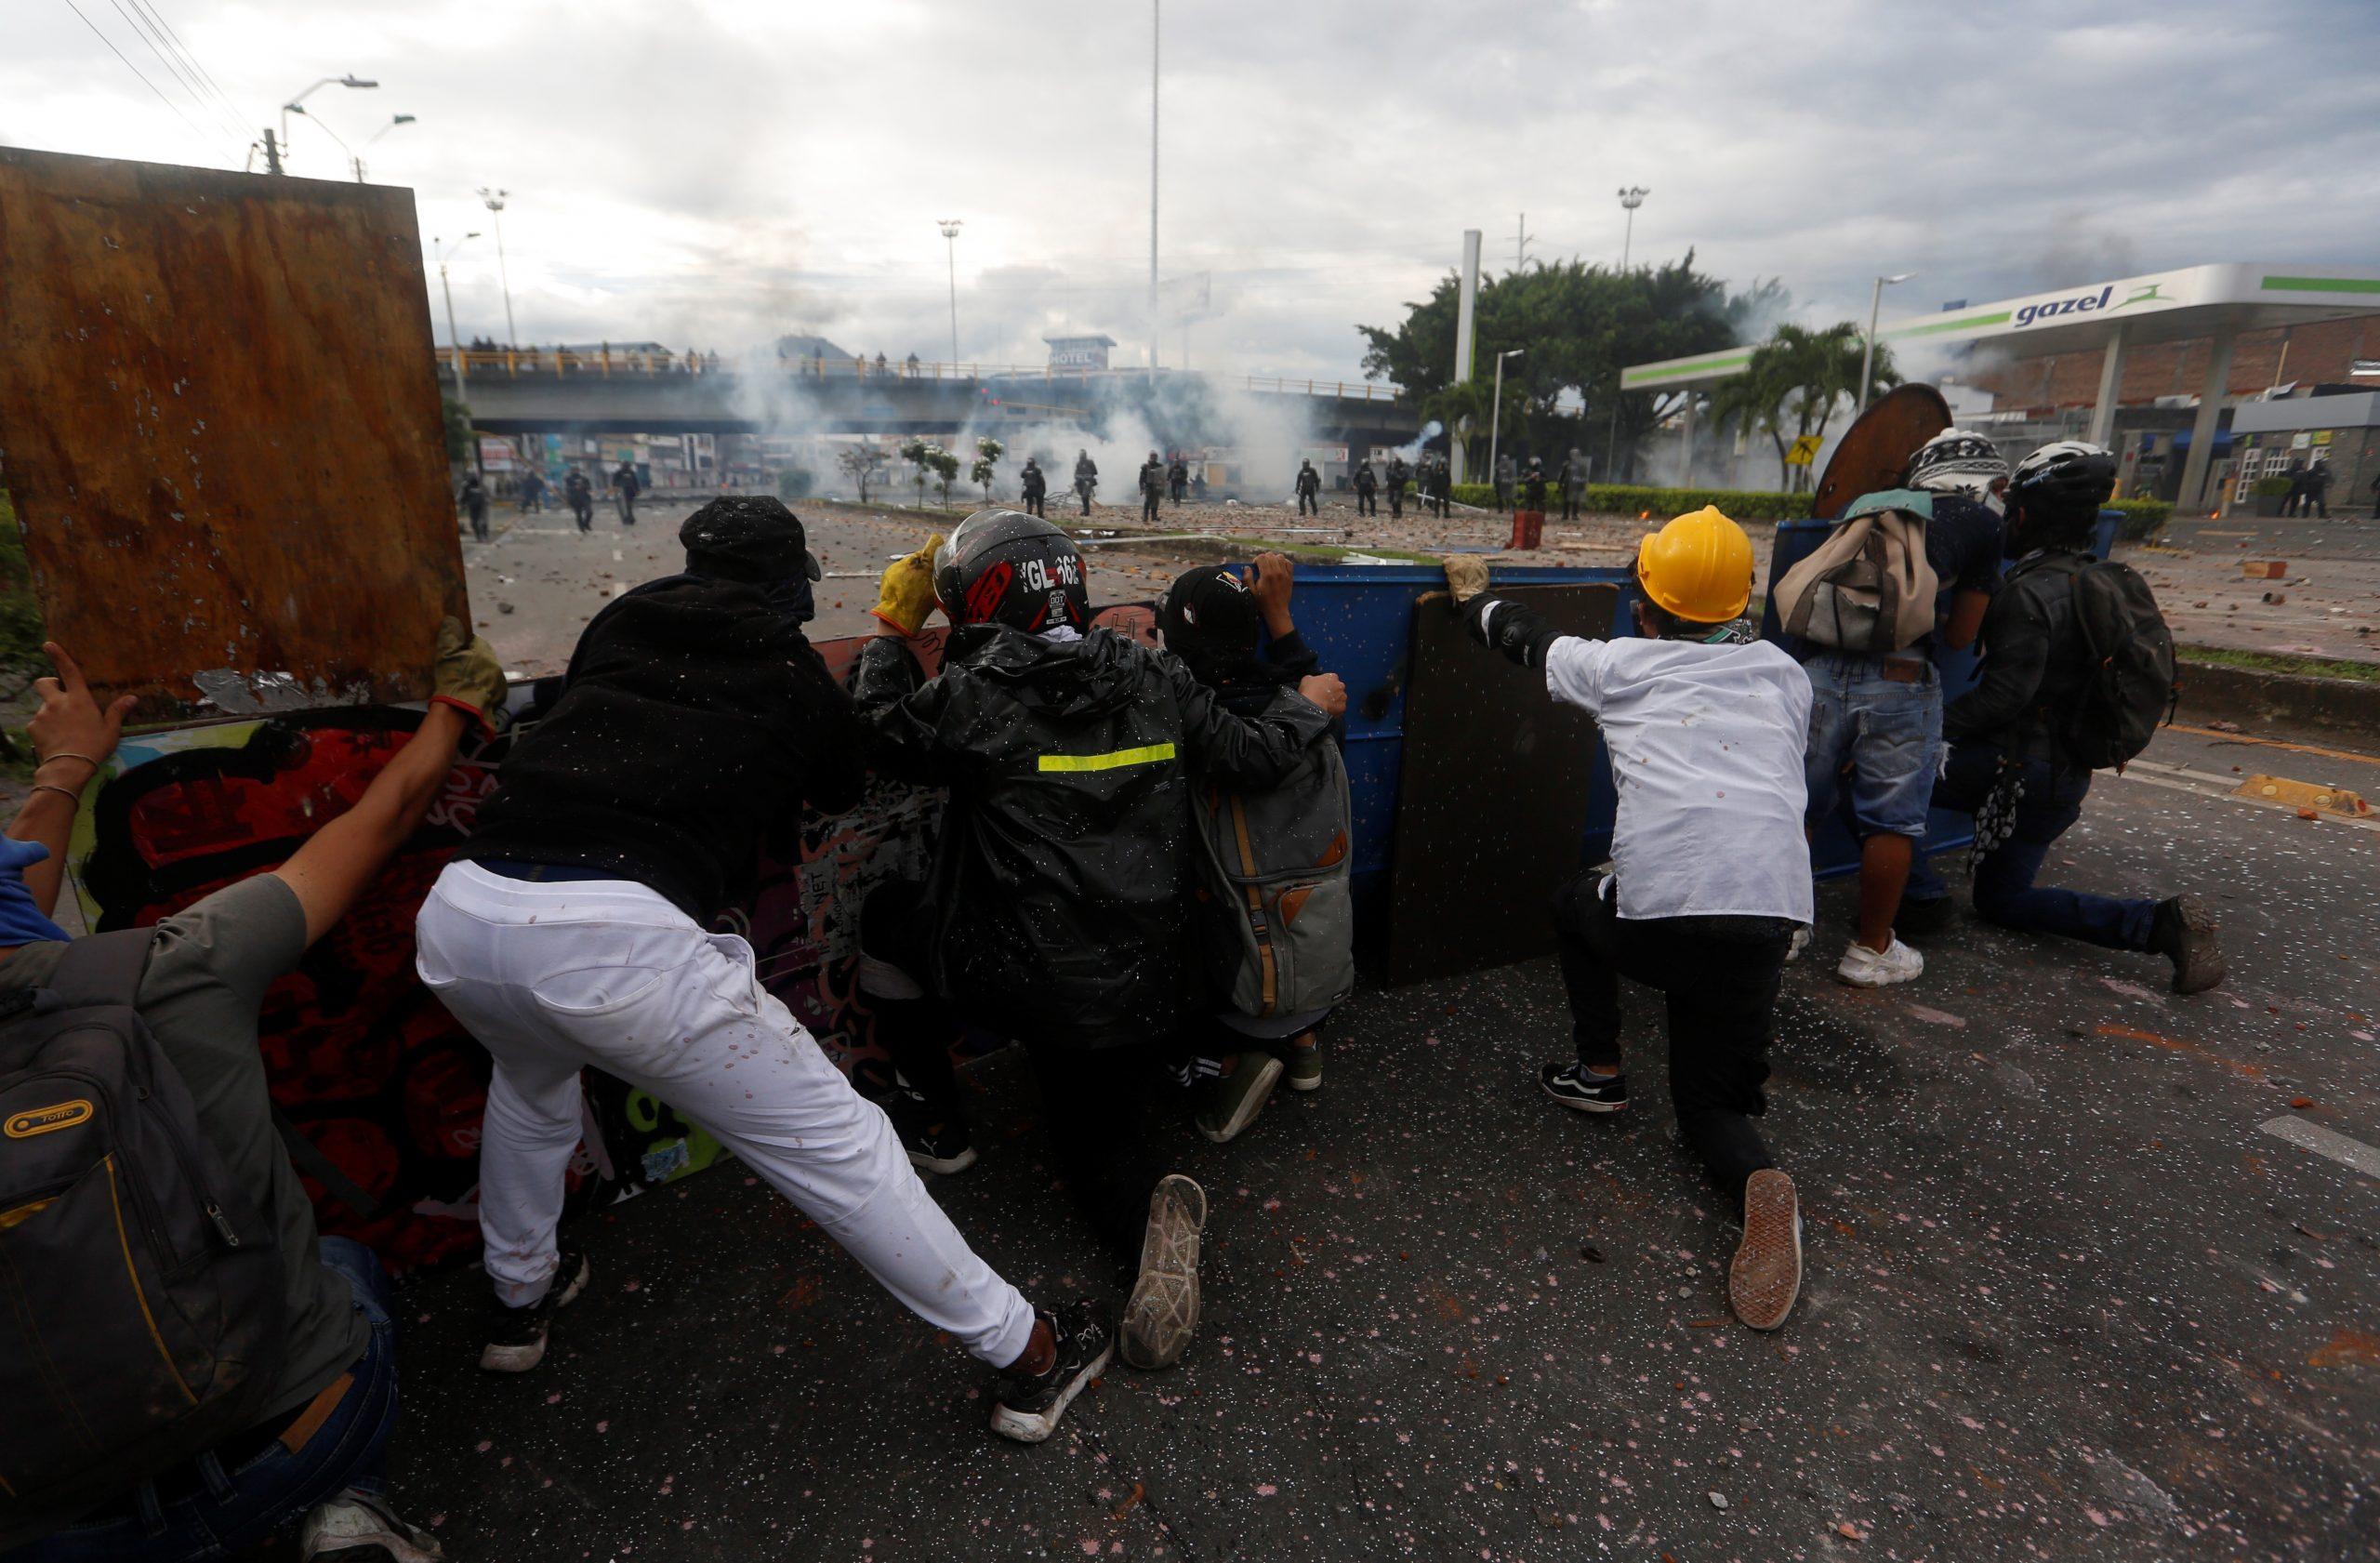 Manifestantes se enfrentan con miembros del Escuadrón Móvil Antidisturbios (ESMAD) durante las protestas hoy en Cali, Colombia, el pasado 5 de mayo. Foto de EFE/ Ernesto Guzmán Jr.